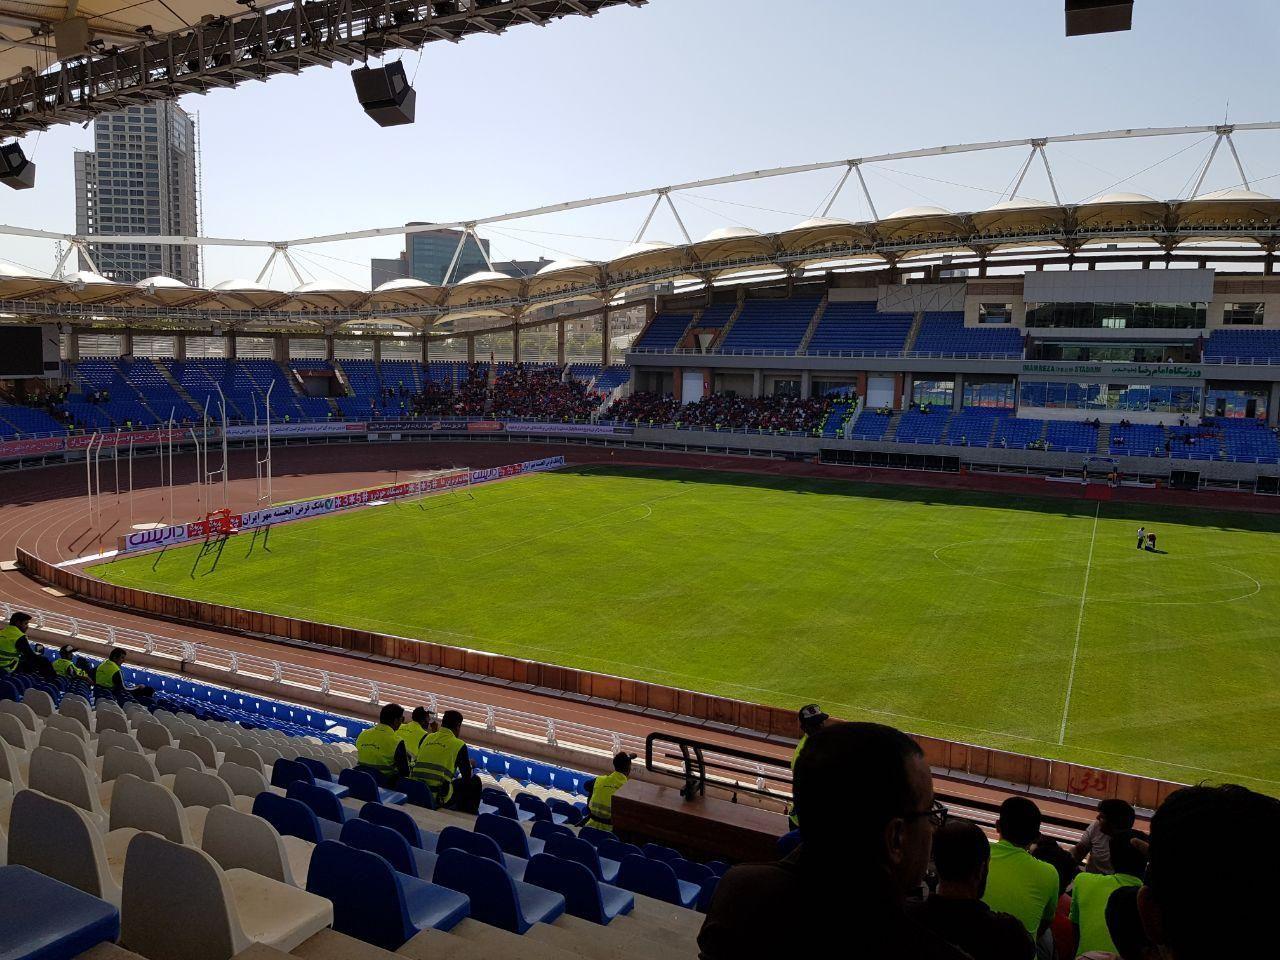 محل برگزاری فینال جام حذفی مشخص شد